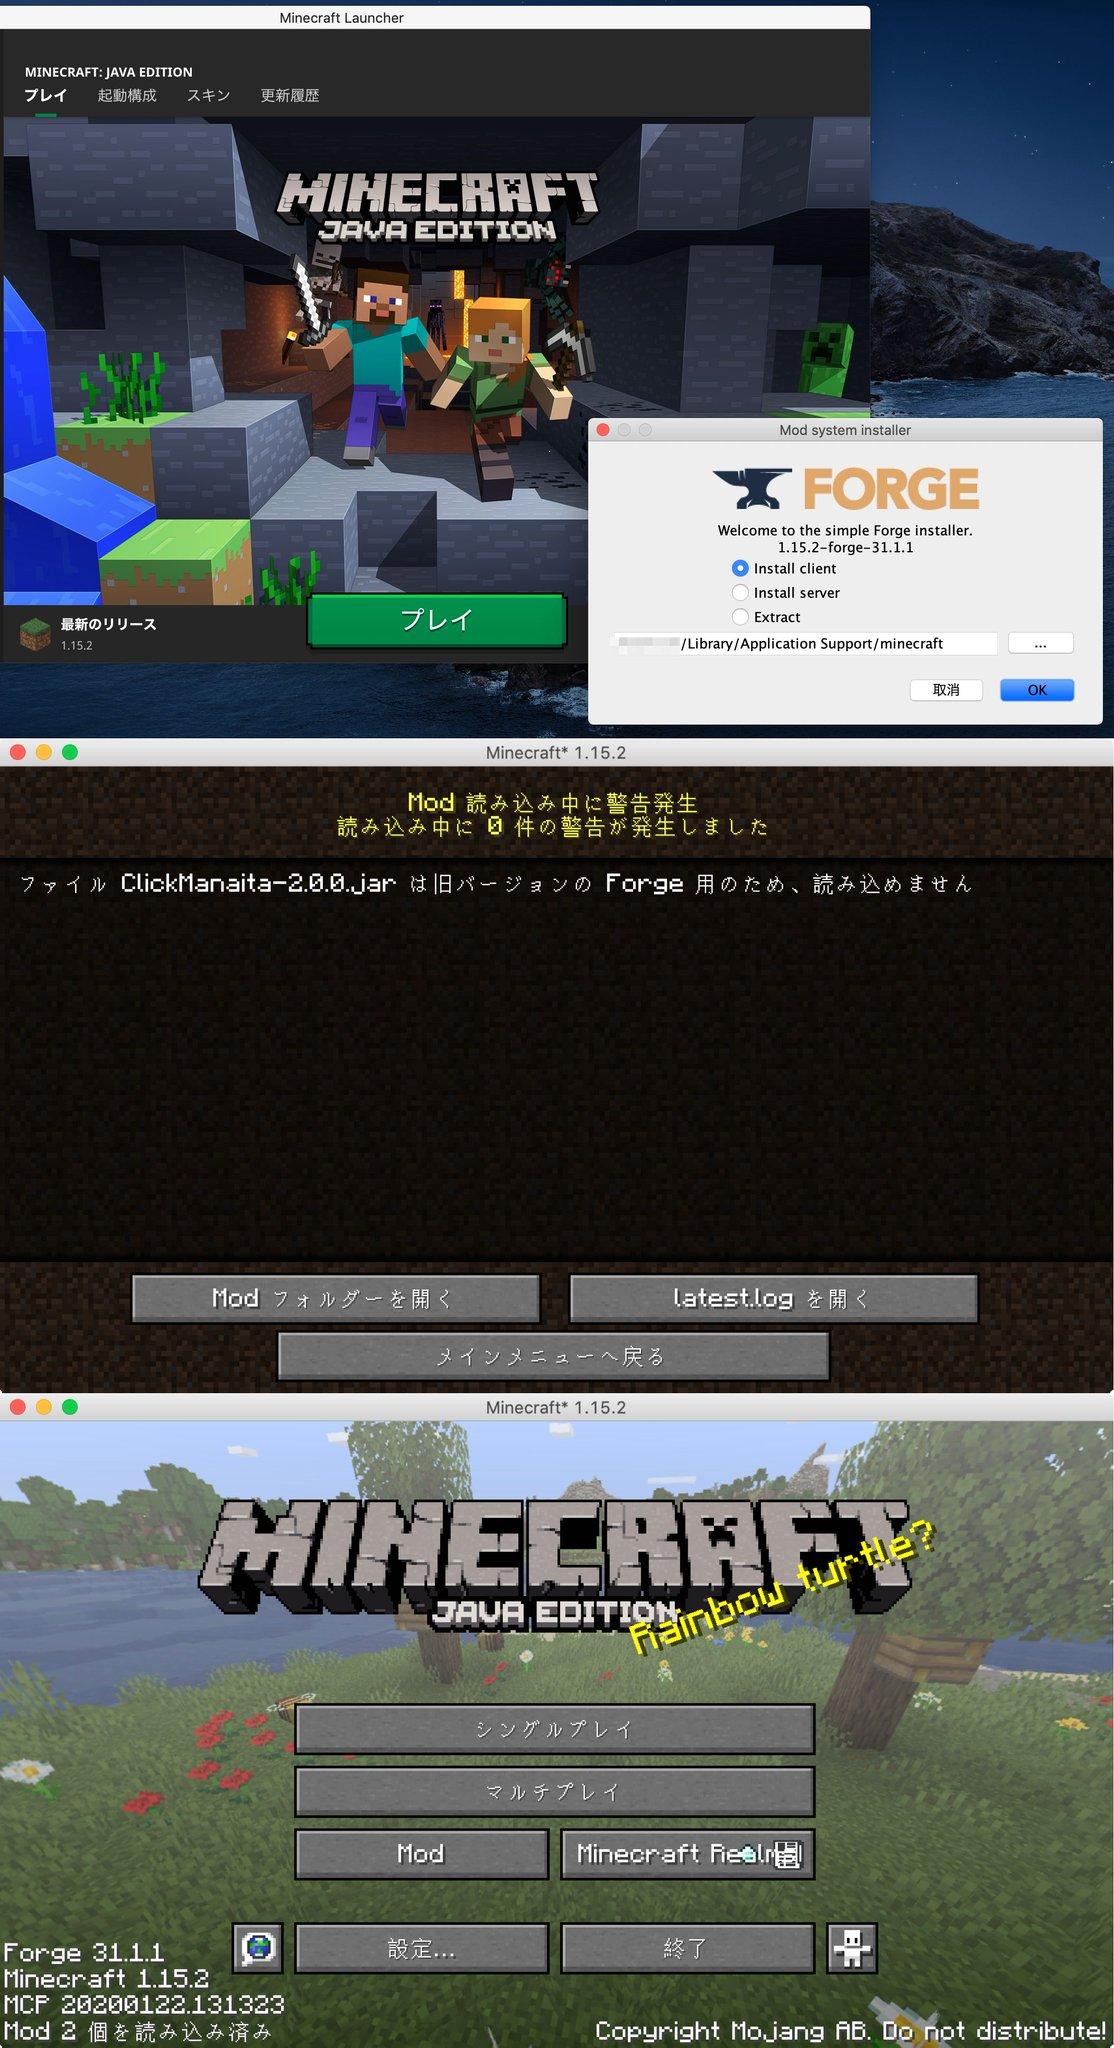 macOS にインストールした Minecraft Java Edition に MOD 管理システム Forge を導入。目当ての MOD が Forge のバージョンに合わなかった orz https://t.co/3Rw8bgBA4t